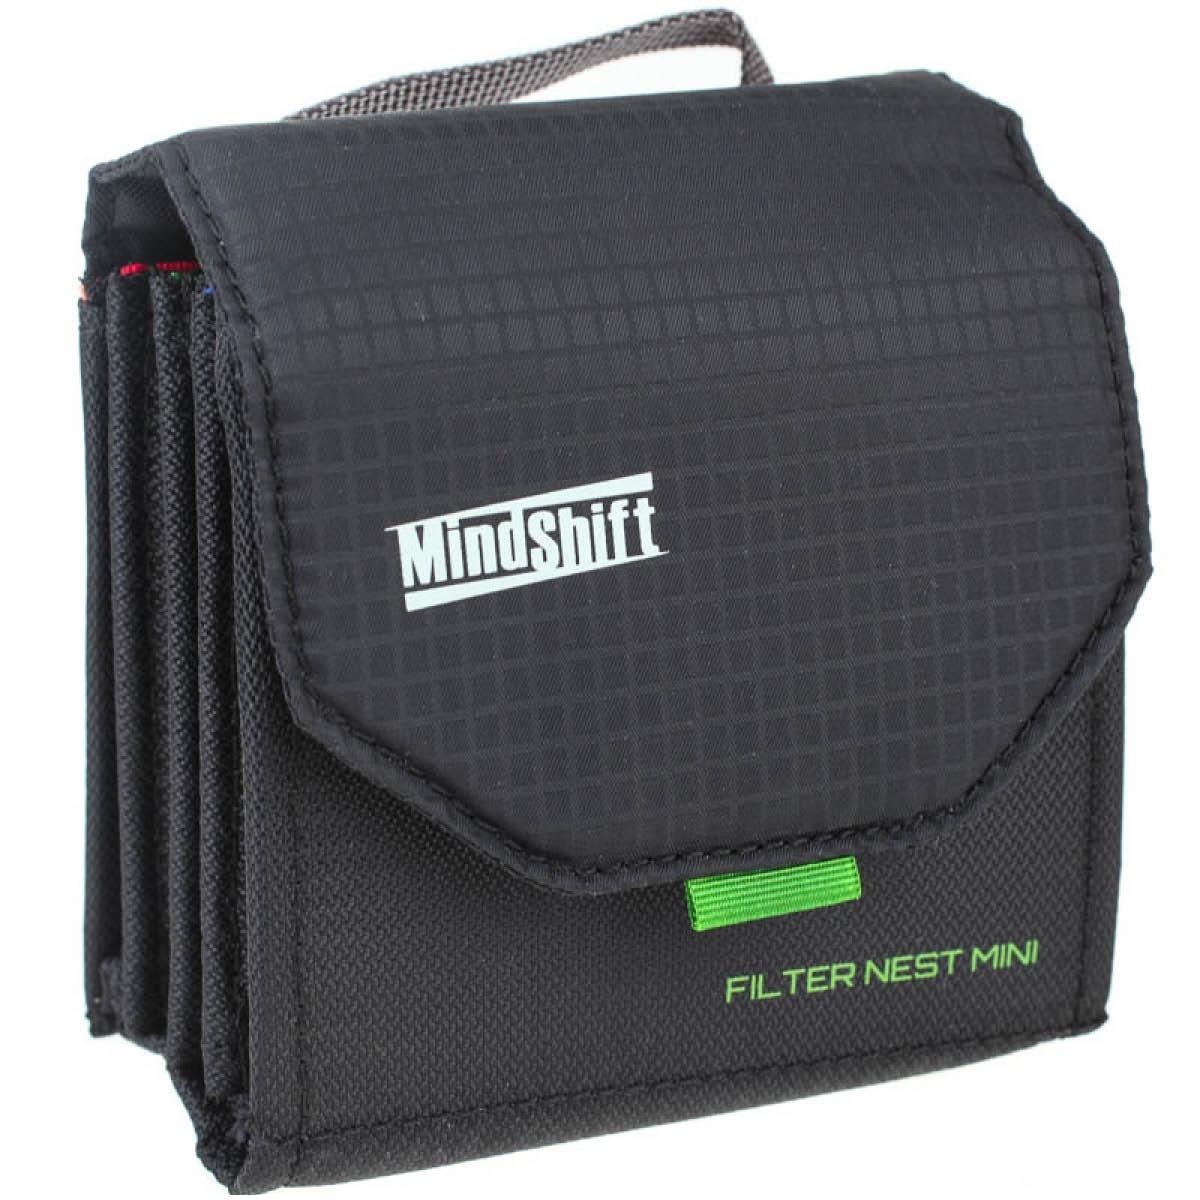 Mindshift Filtertasche Nest Mini